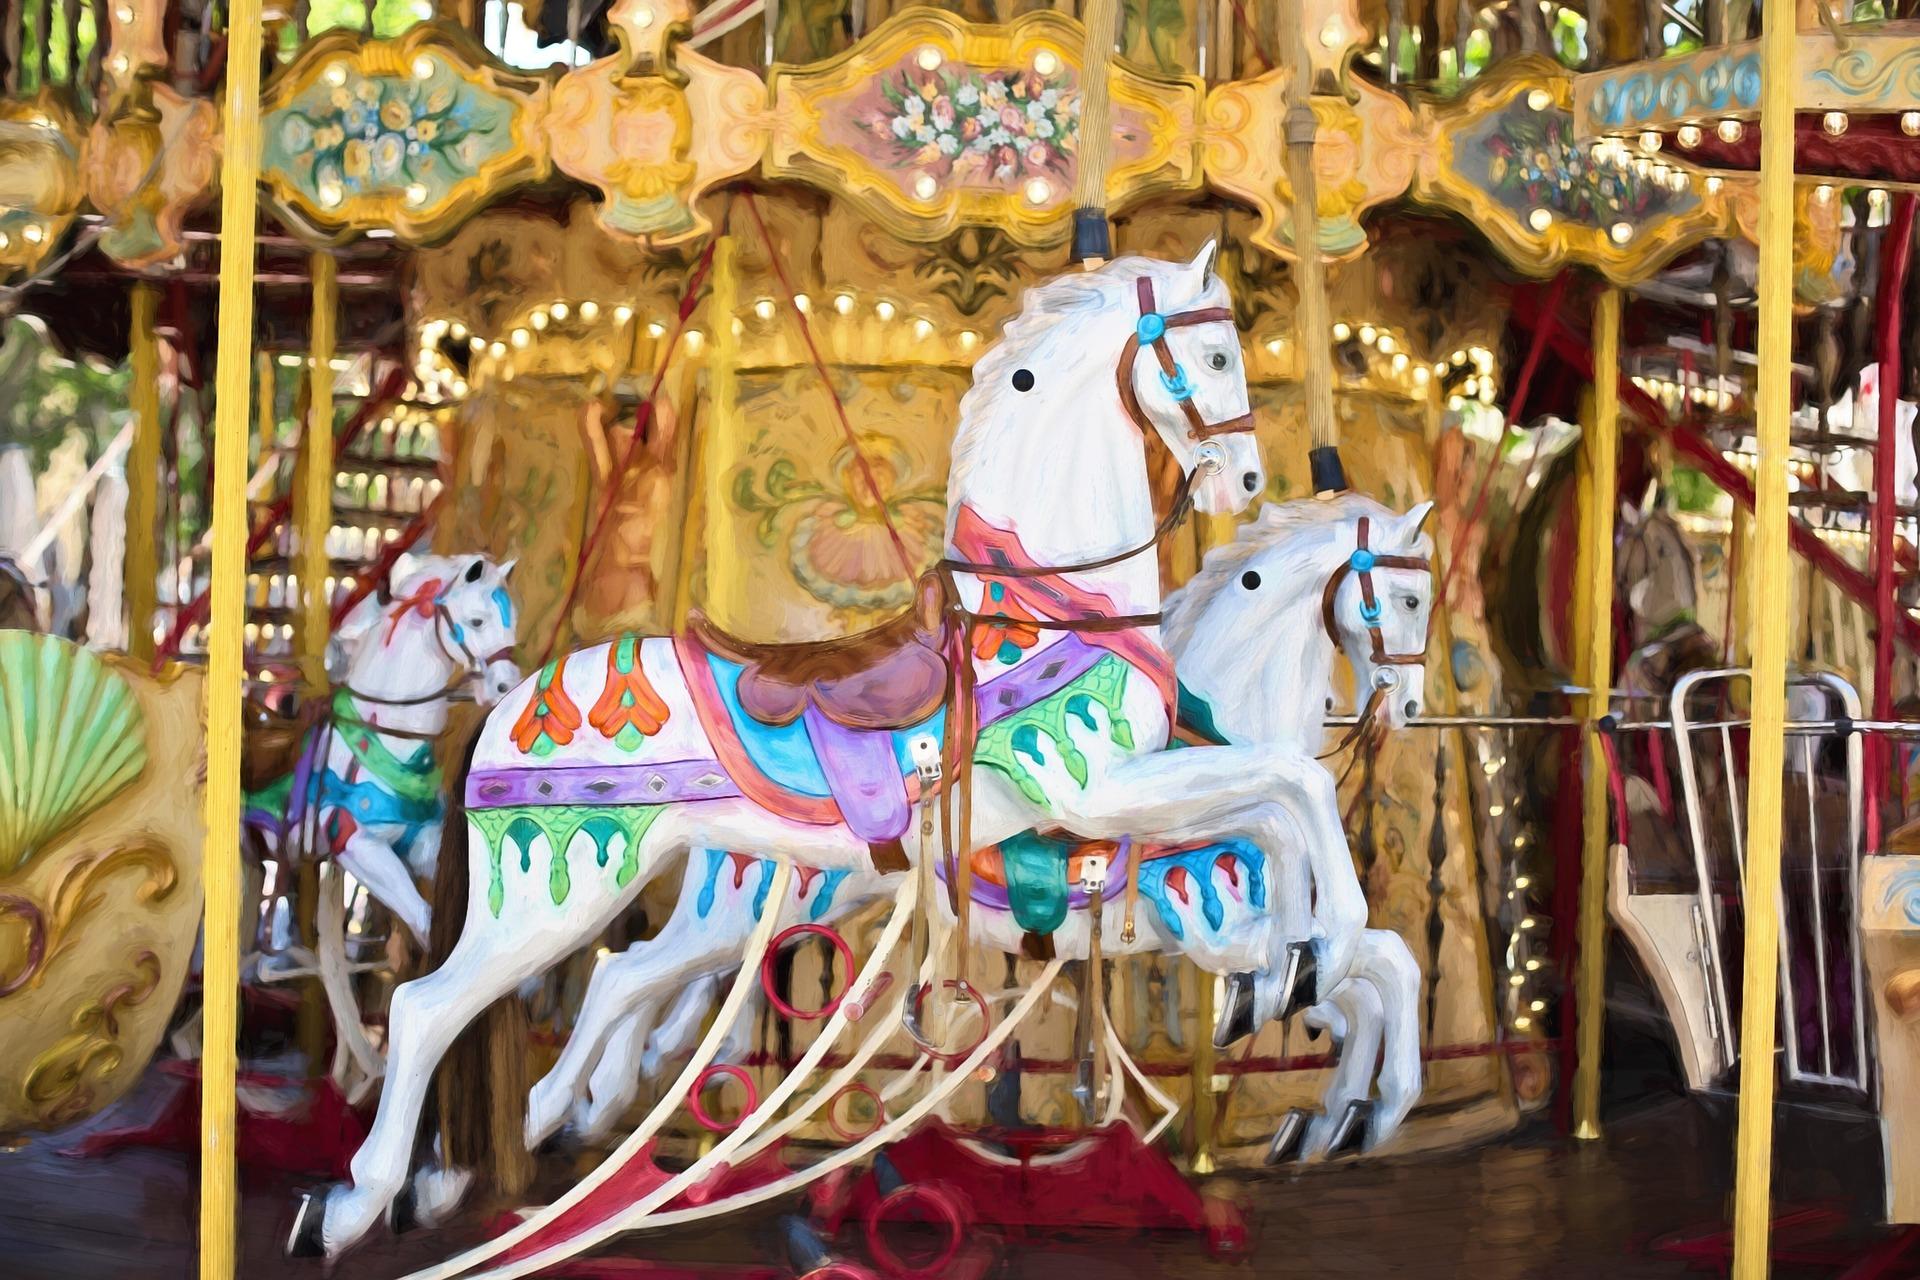 carousel-horses-1434079_1920.jpg